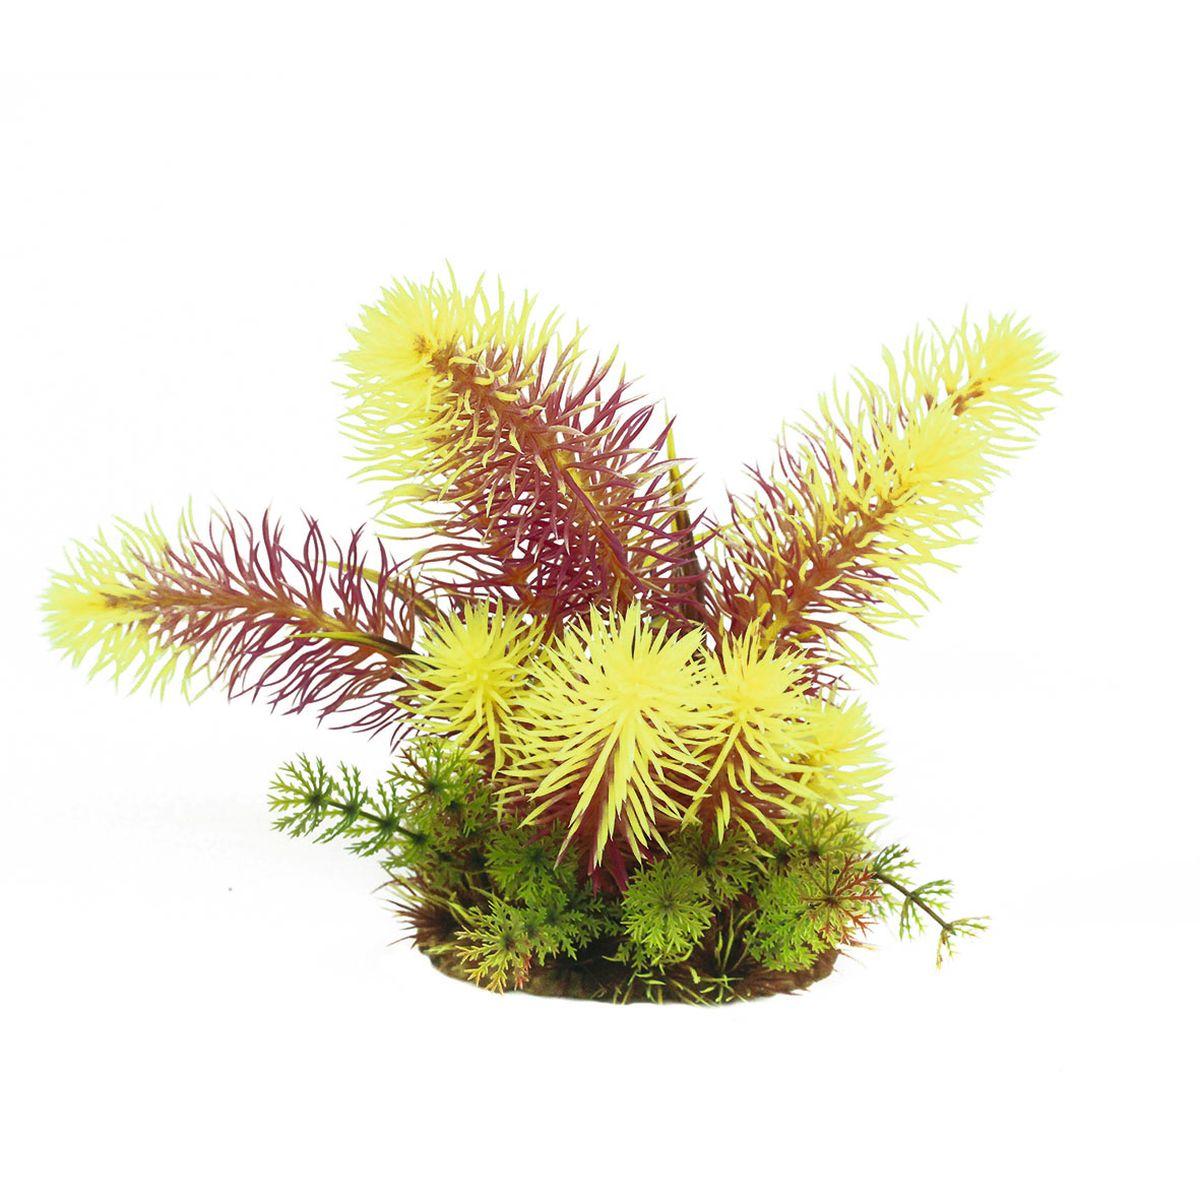 Растение для аквариума ArtUniq Погостемон Эректус красно-желтый, высота 20 смART-1160514Растение для аквариума ArtUniq Погостемон Эректус красно-желтый, высота 20 см